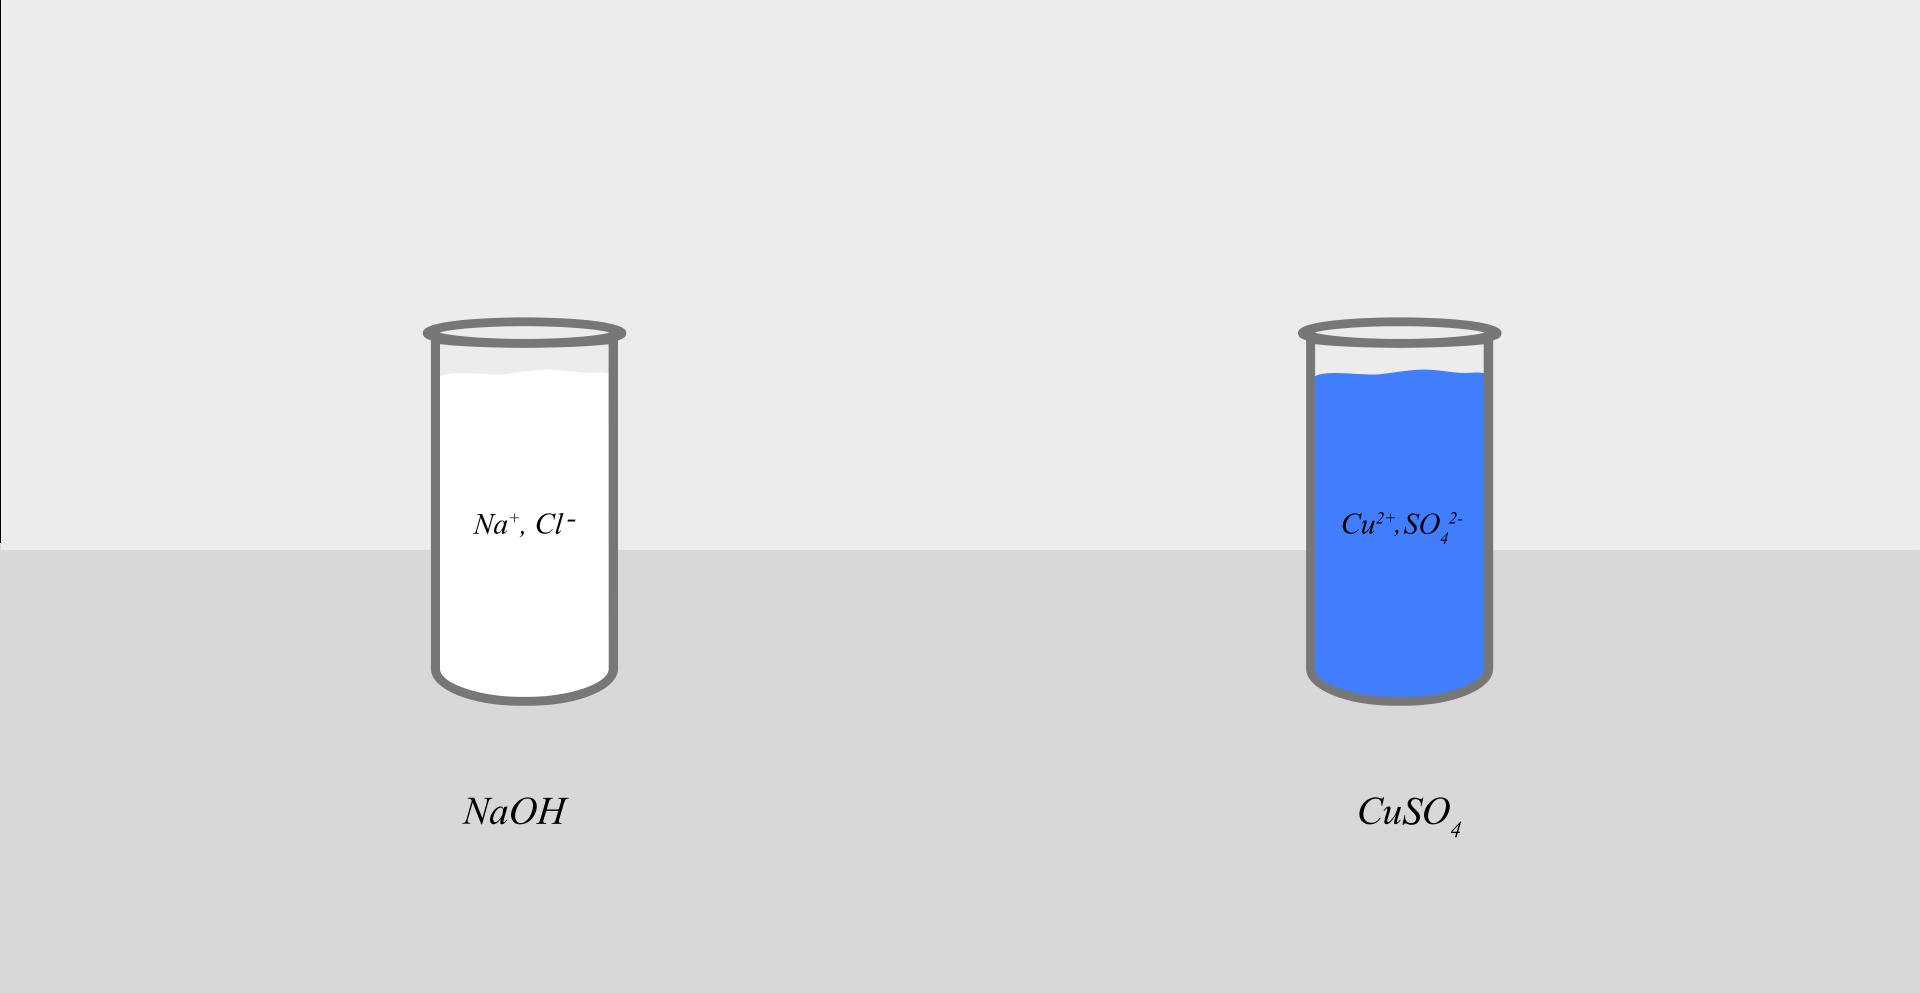 Rysunek przedstawia dwie wąskie, wysokie zlewki stojące obok siebie. Zlewka zlewej strony wypełniona jest przezroczystą cieczą ipodpisana NaOH. Wjej wnętrzu znajdują się symbole jonów Na plus oraz OH minus. Zlewka zlewej strony wypełniona jest niebieską cieczą ipodpisana CuSO4. Wjej wnętrzu znajdują się symbole jonów Cu dwa plus oraz SO4 dwa minus.